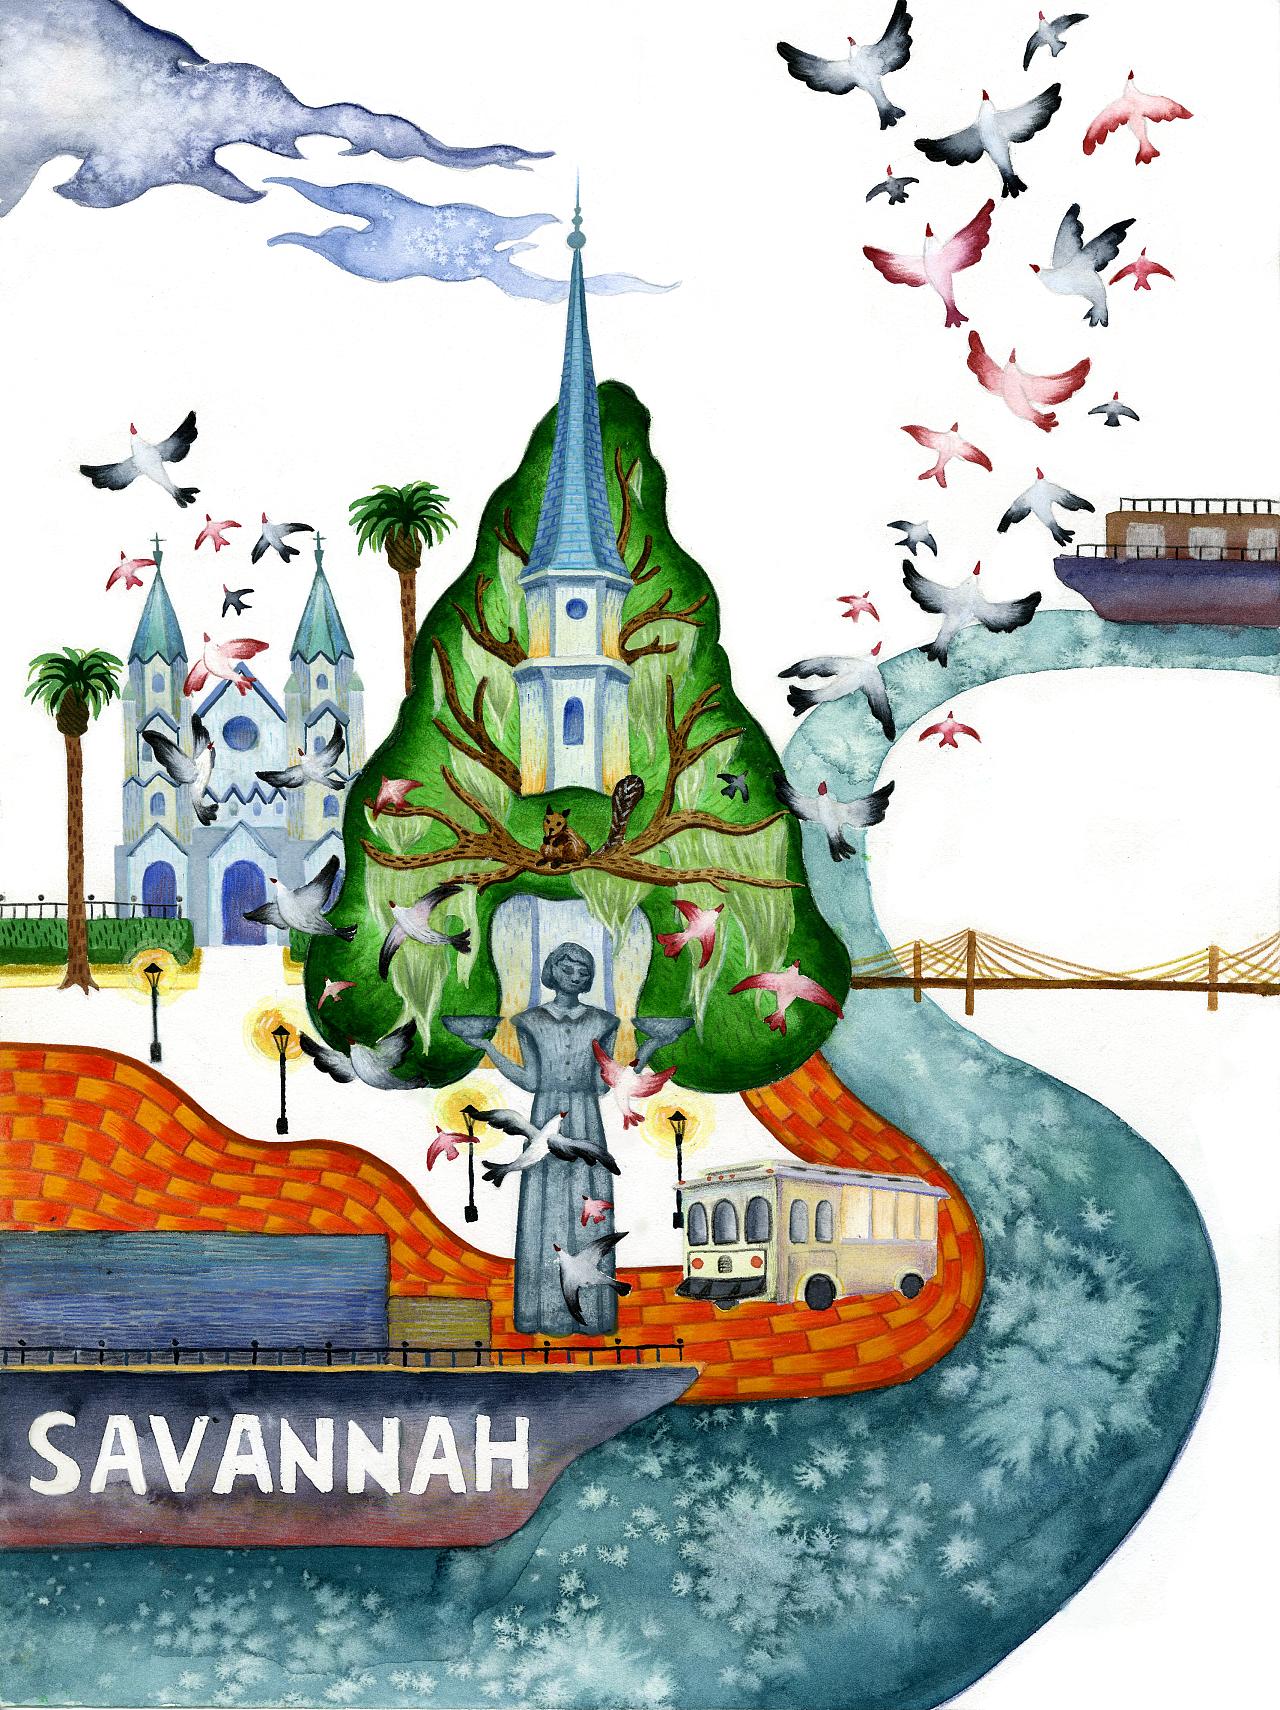 萨凡娜城市海报,手绘,水彩 彩铅.